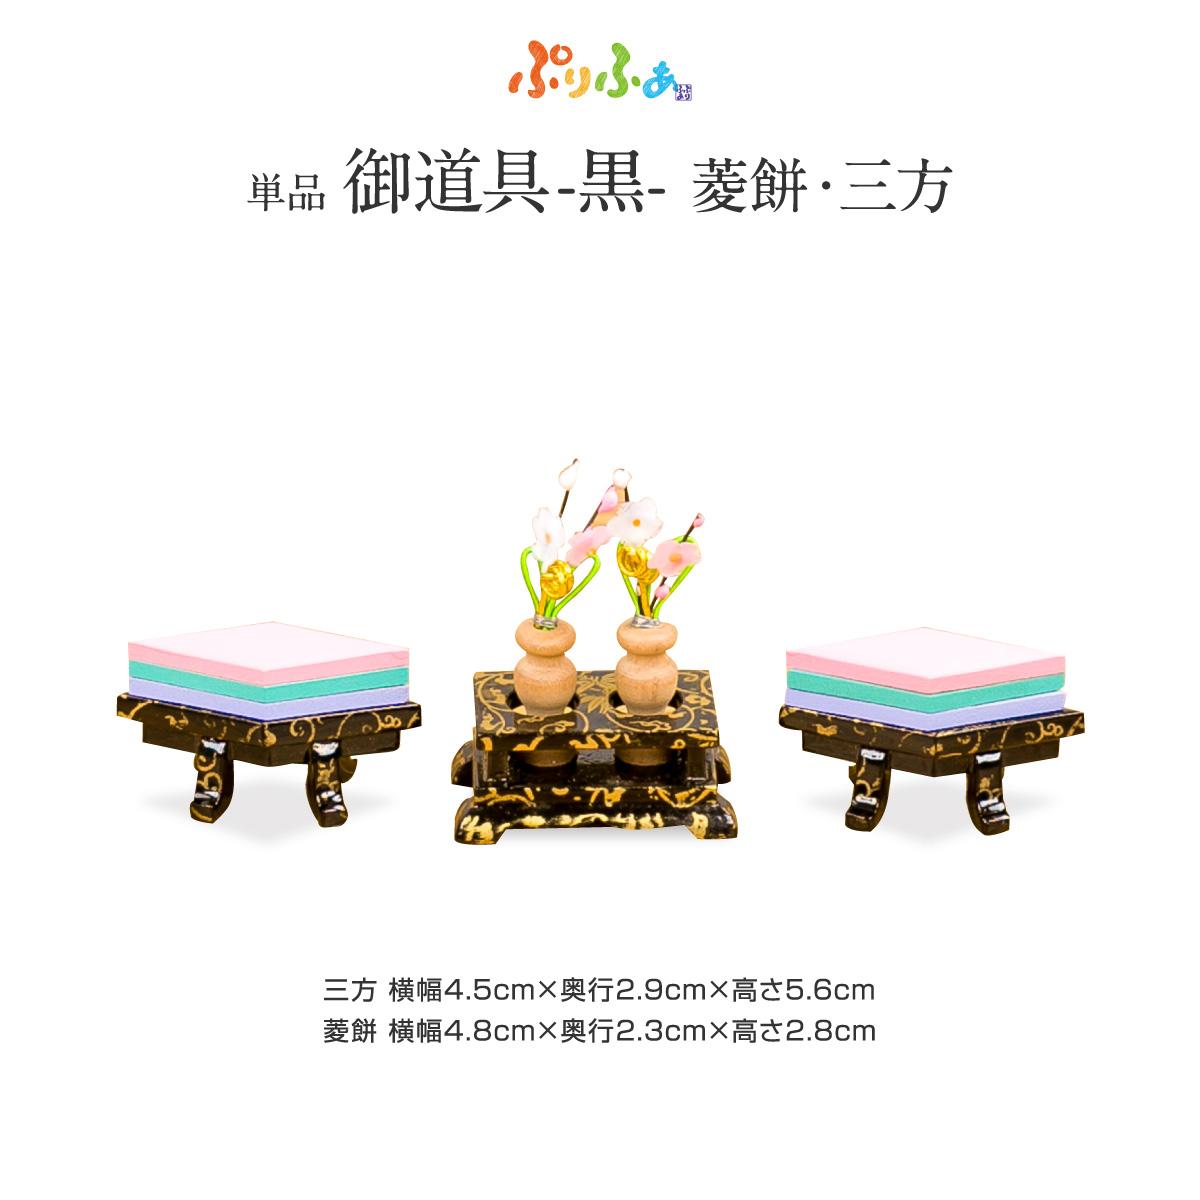 ぷりふあシリーズ 御道具 菱餅・三方-黒- 道具のみ単品販売 特選